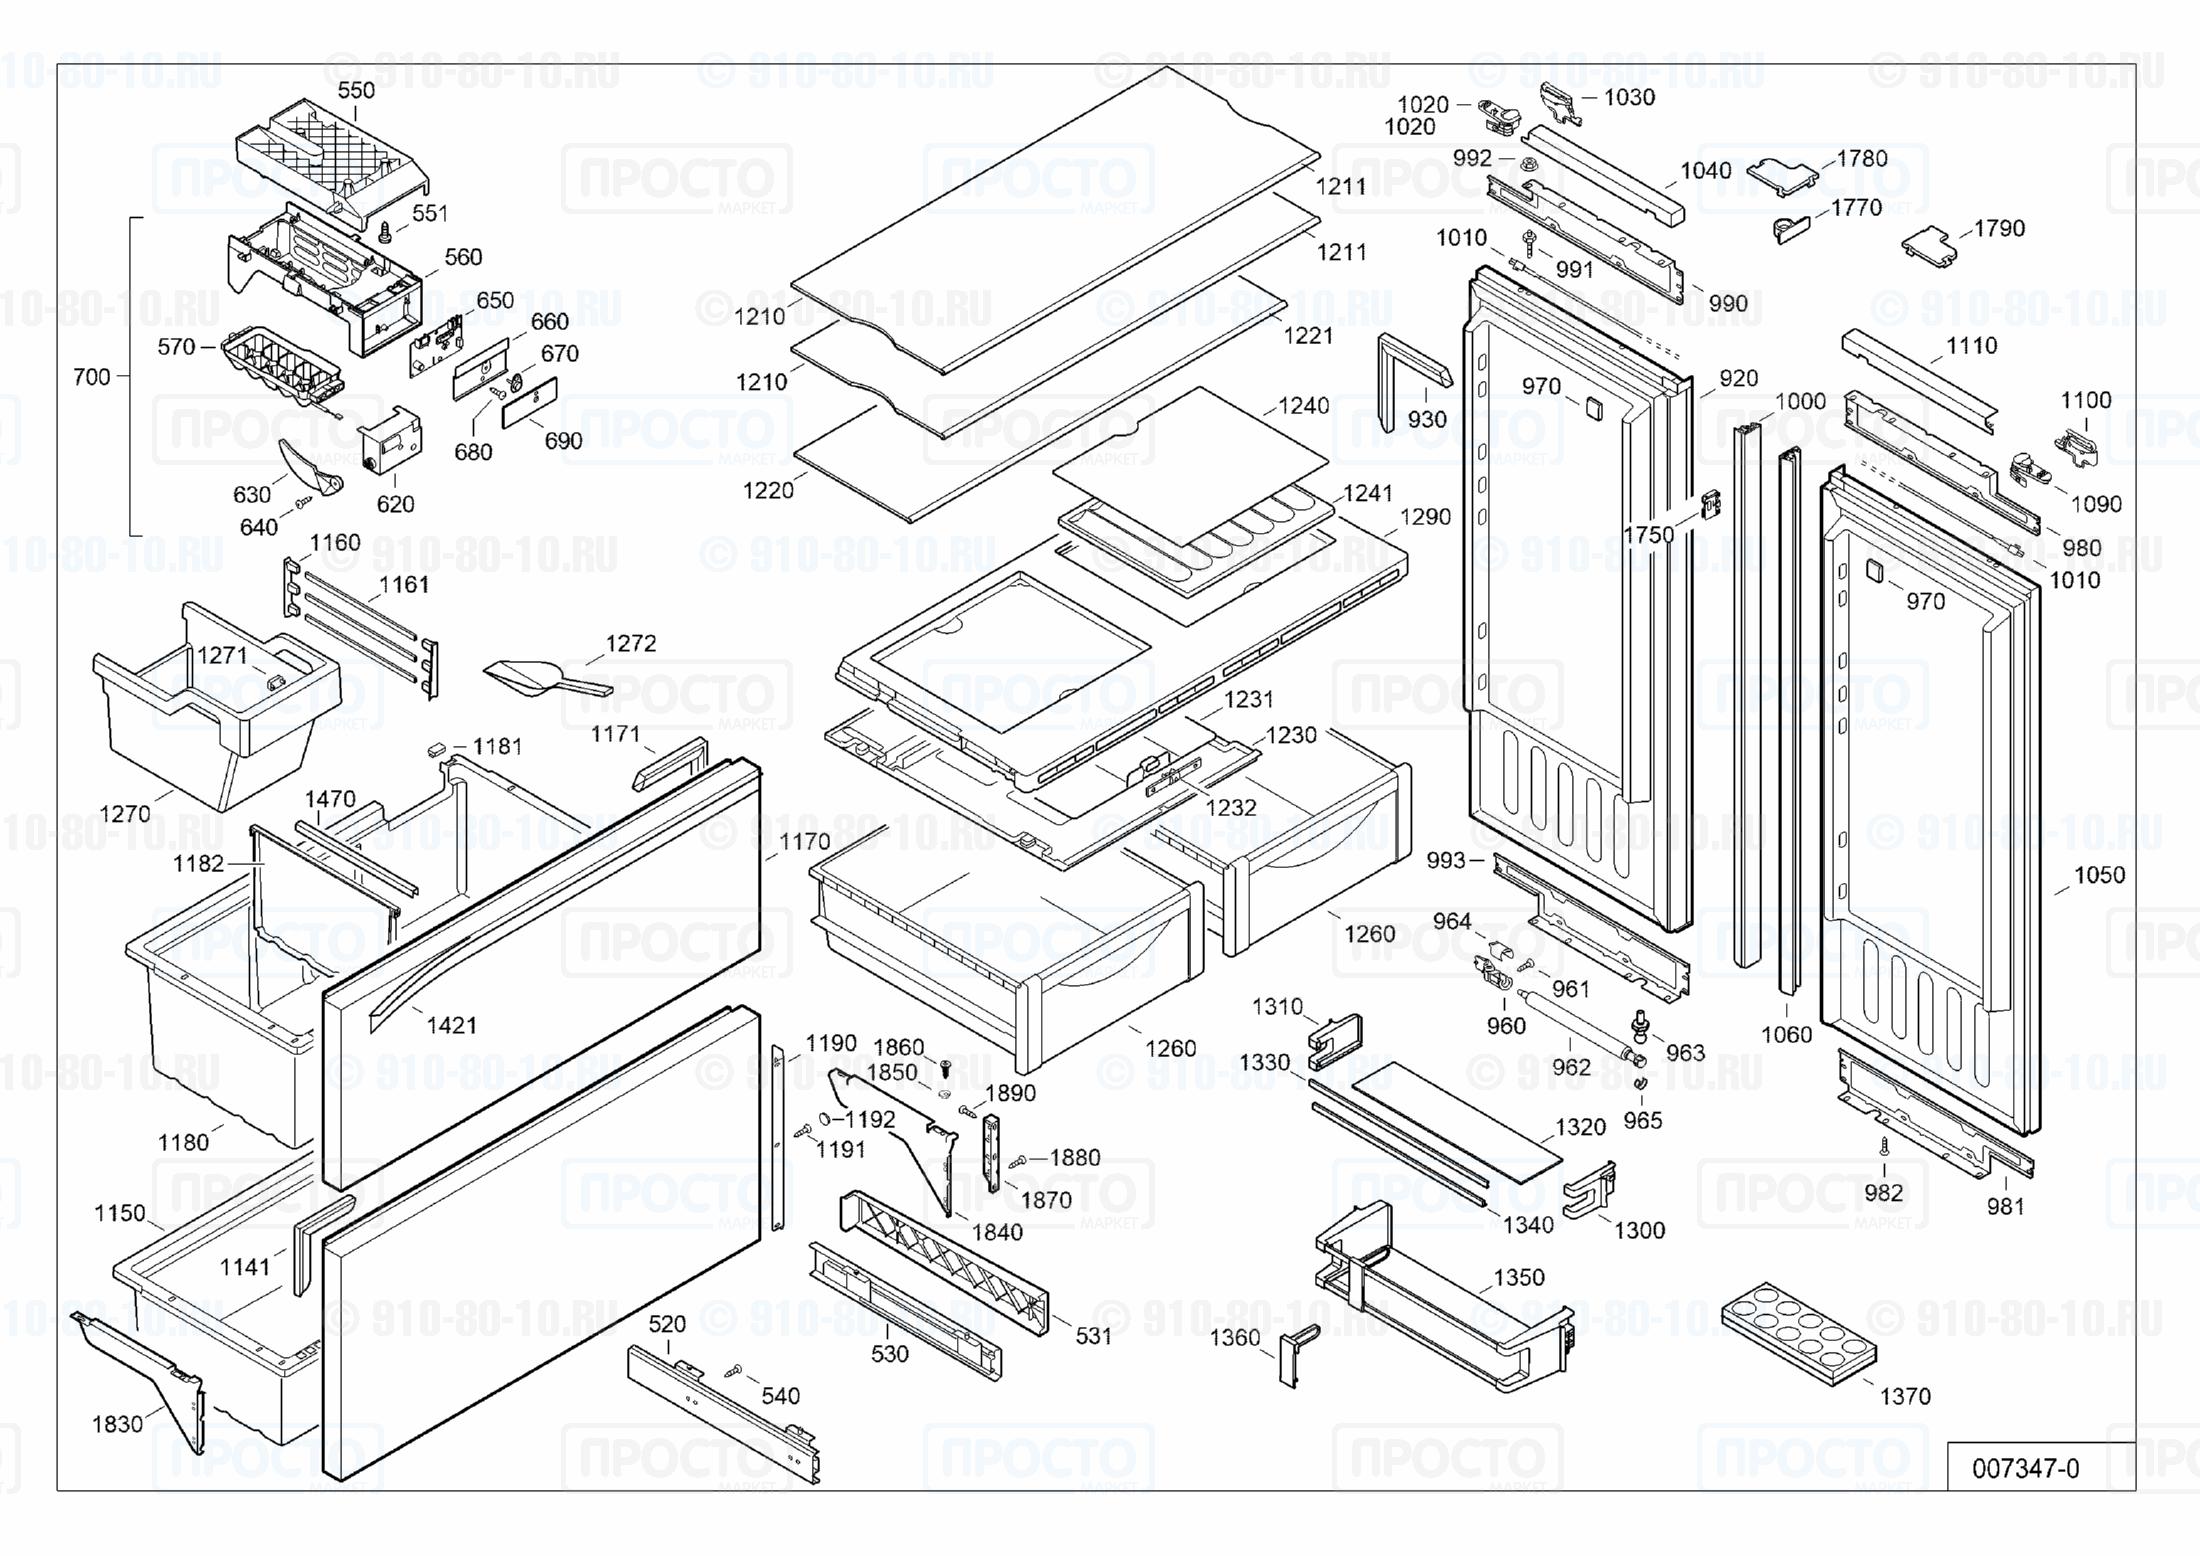 CF02D01 230V 2,1A Inverter unused Embraco VESD9C 230V Kompressor